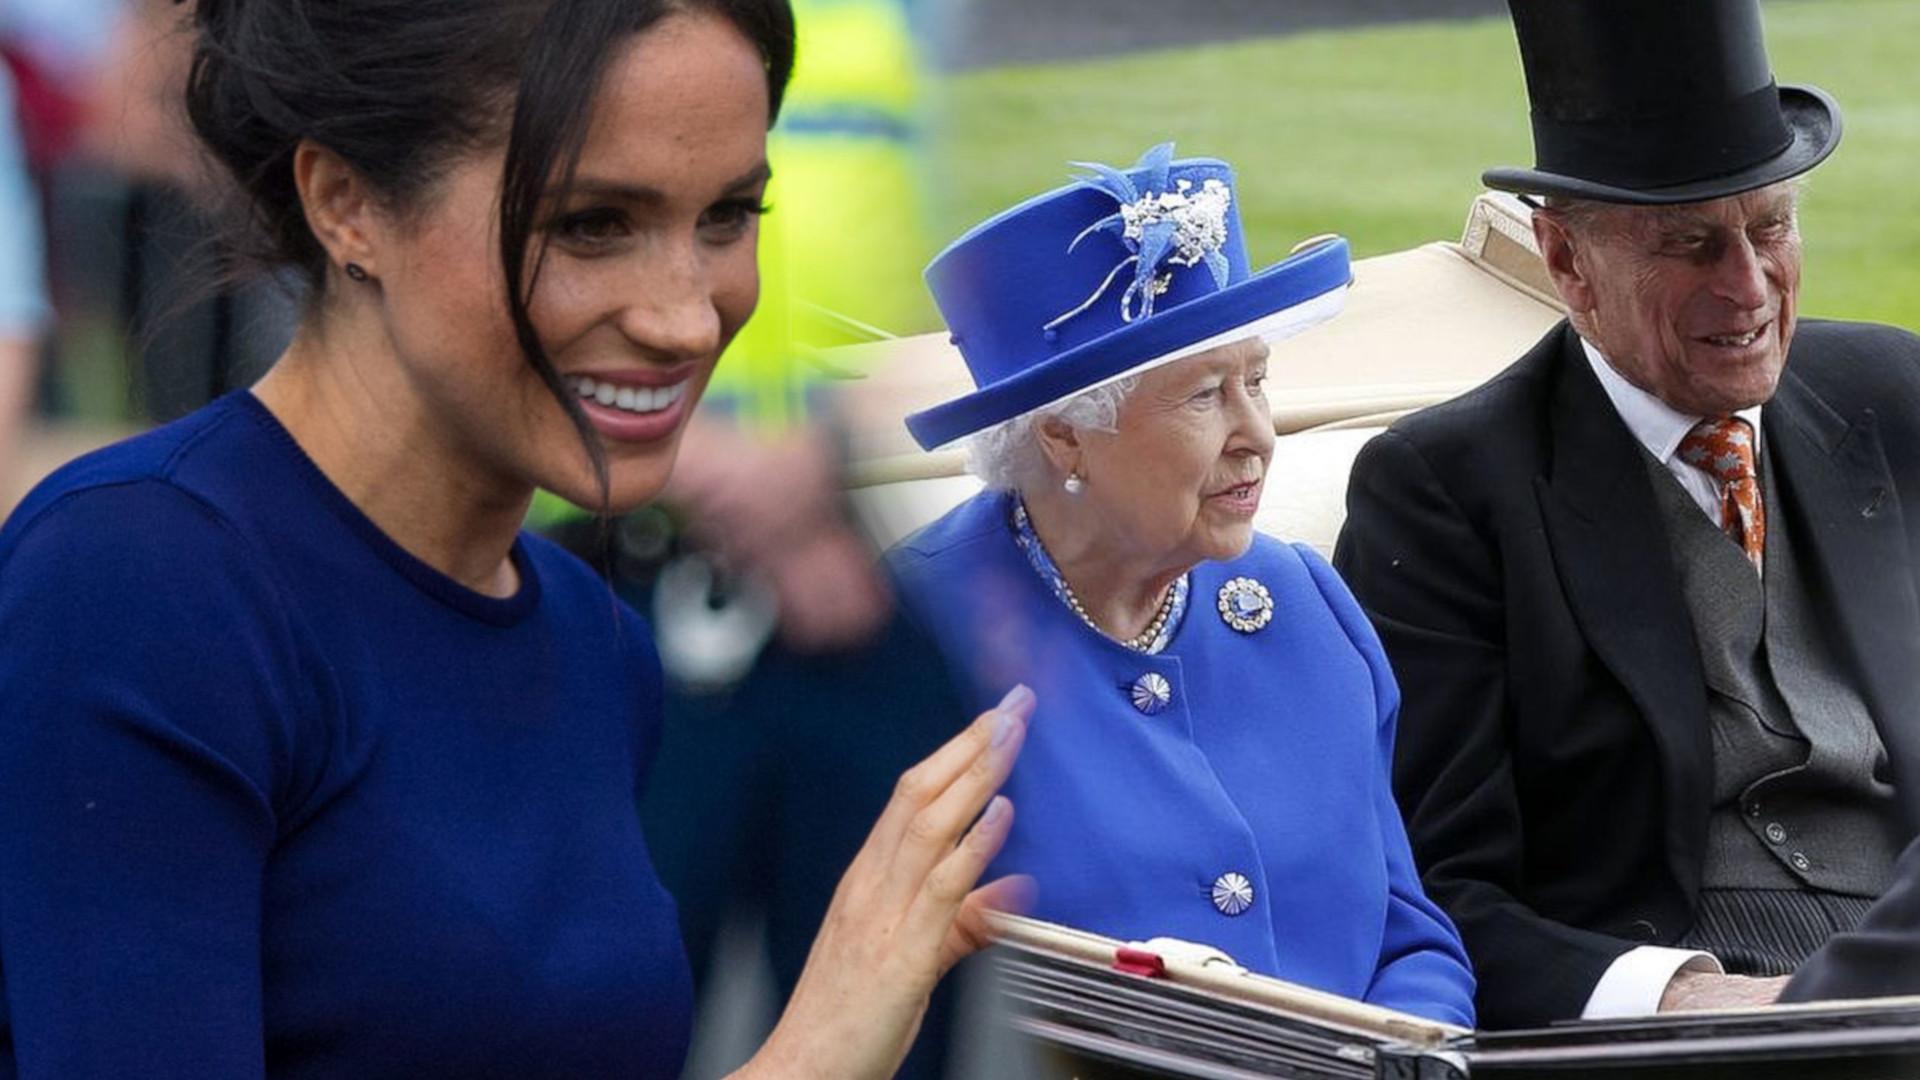 Jest szczególny powód, dla którego rodzina królewska nie zapina pasów